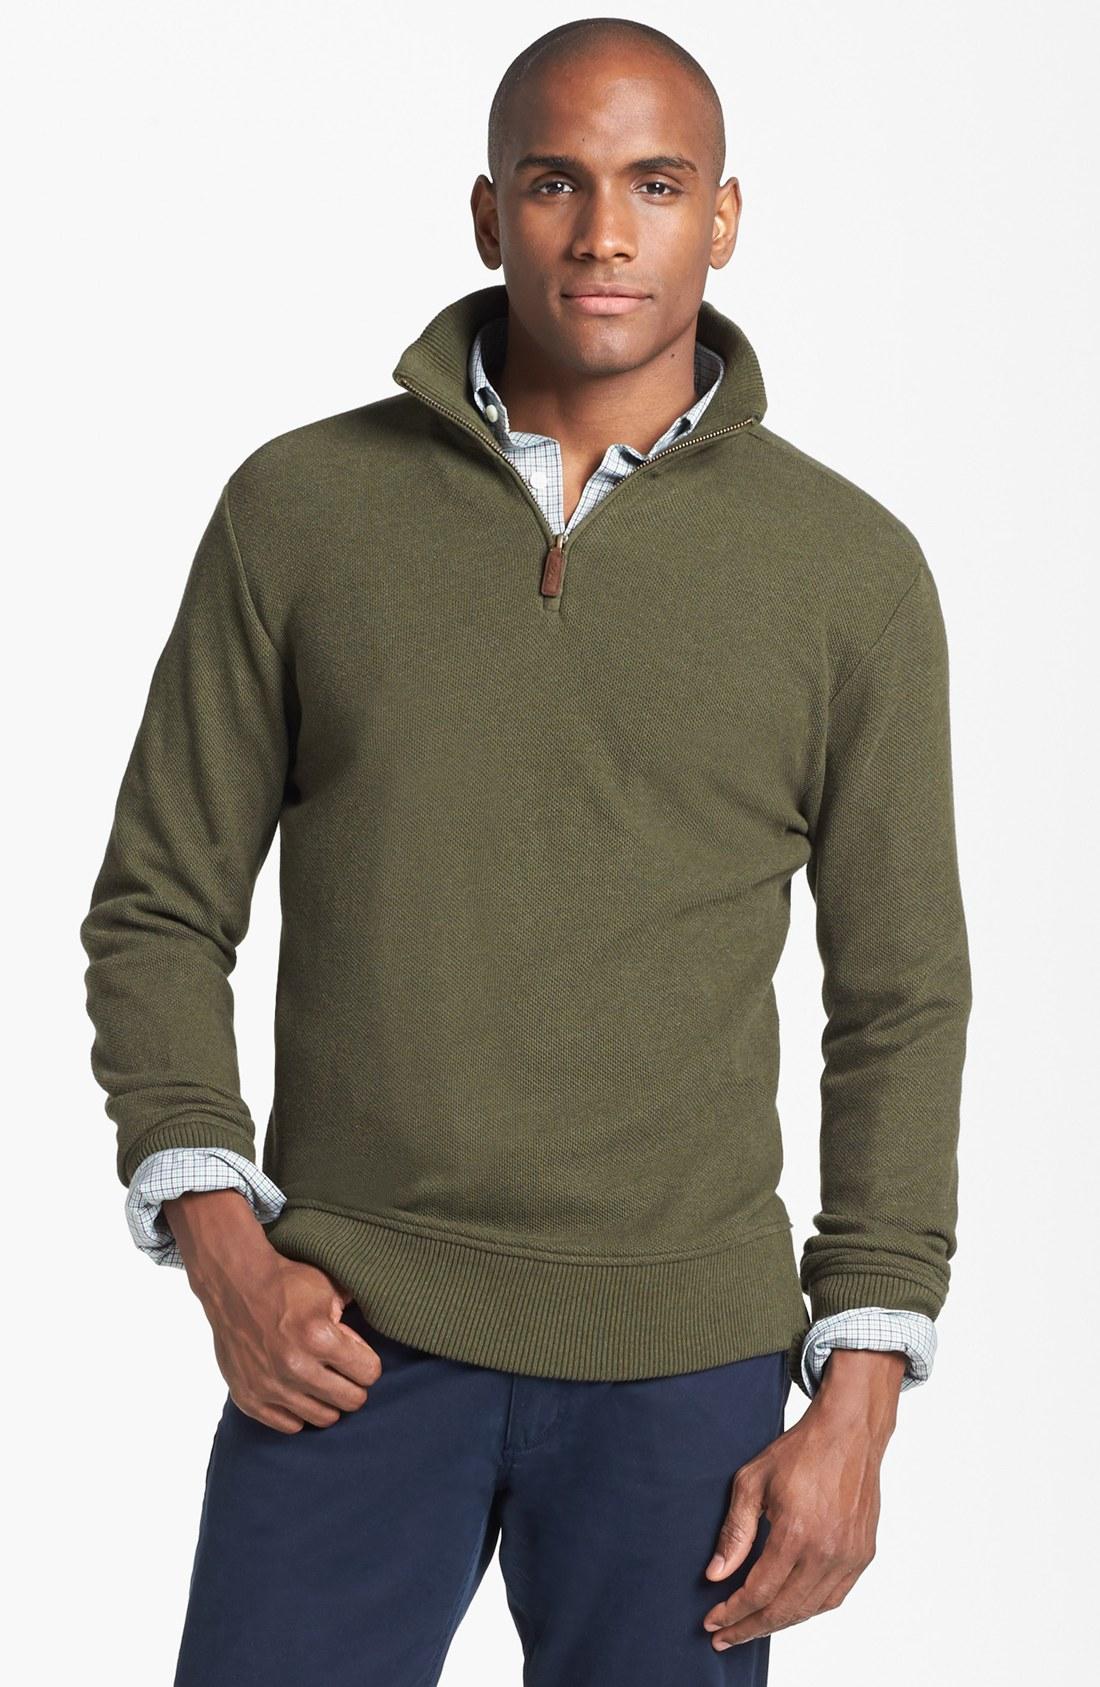 polo ralph lauren alpaca half zip pullover in green for men alpine heather lyst. Black Bedroom Furniture Sets. Home Design Ideas